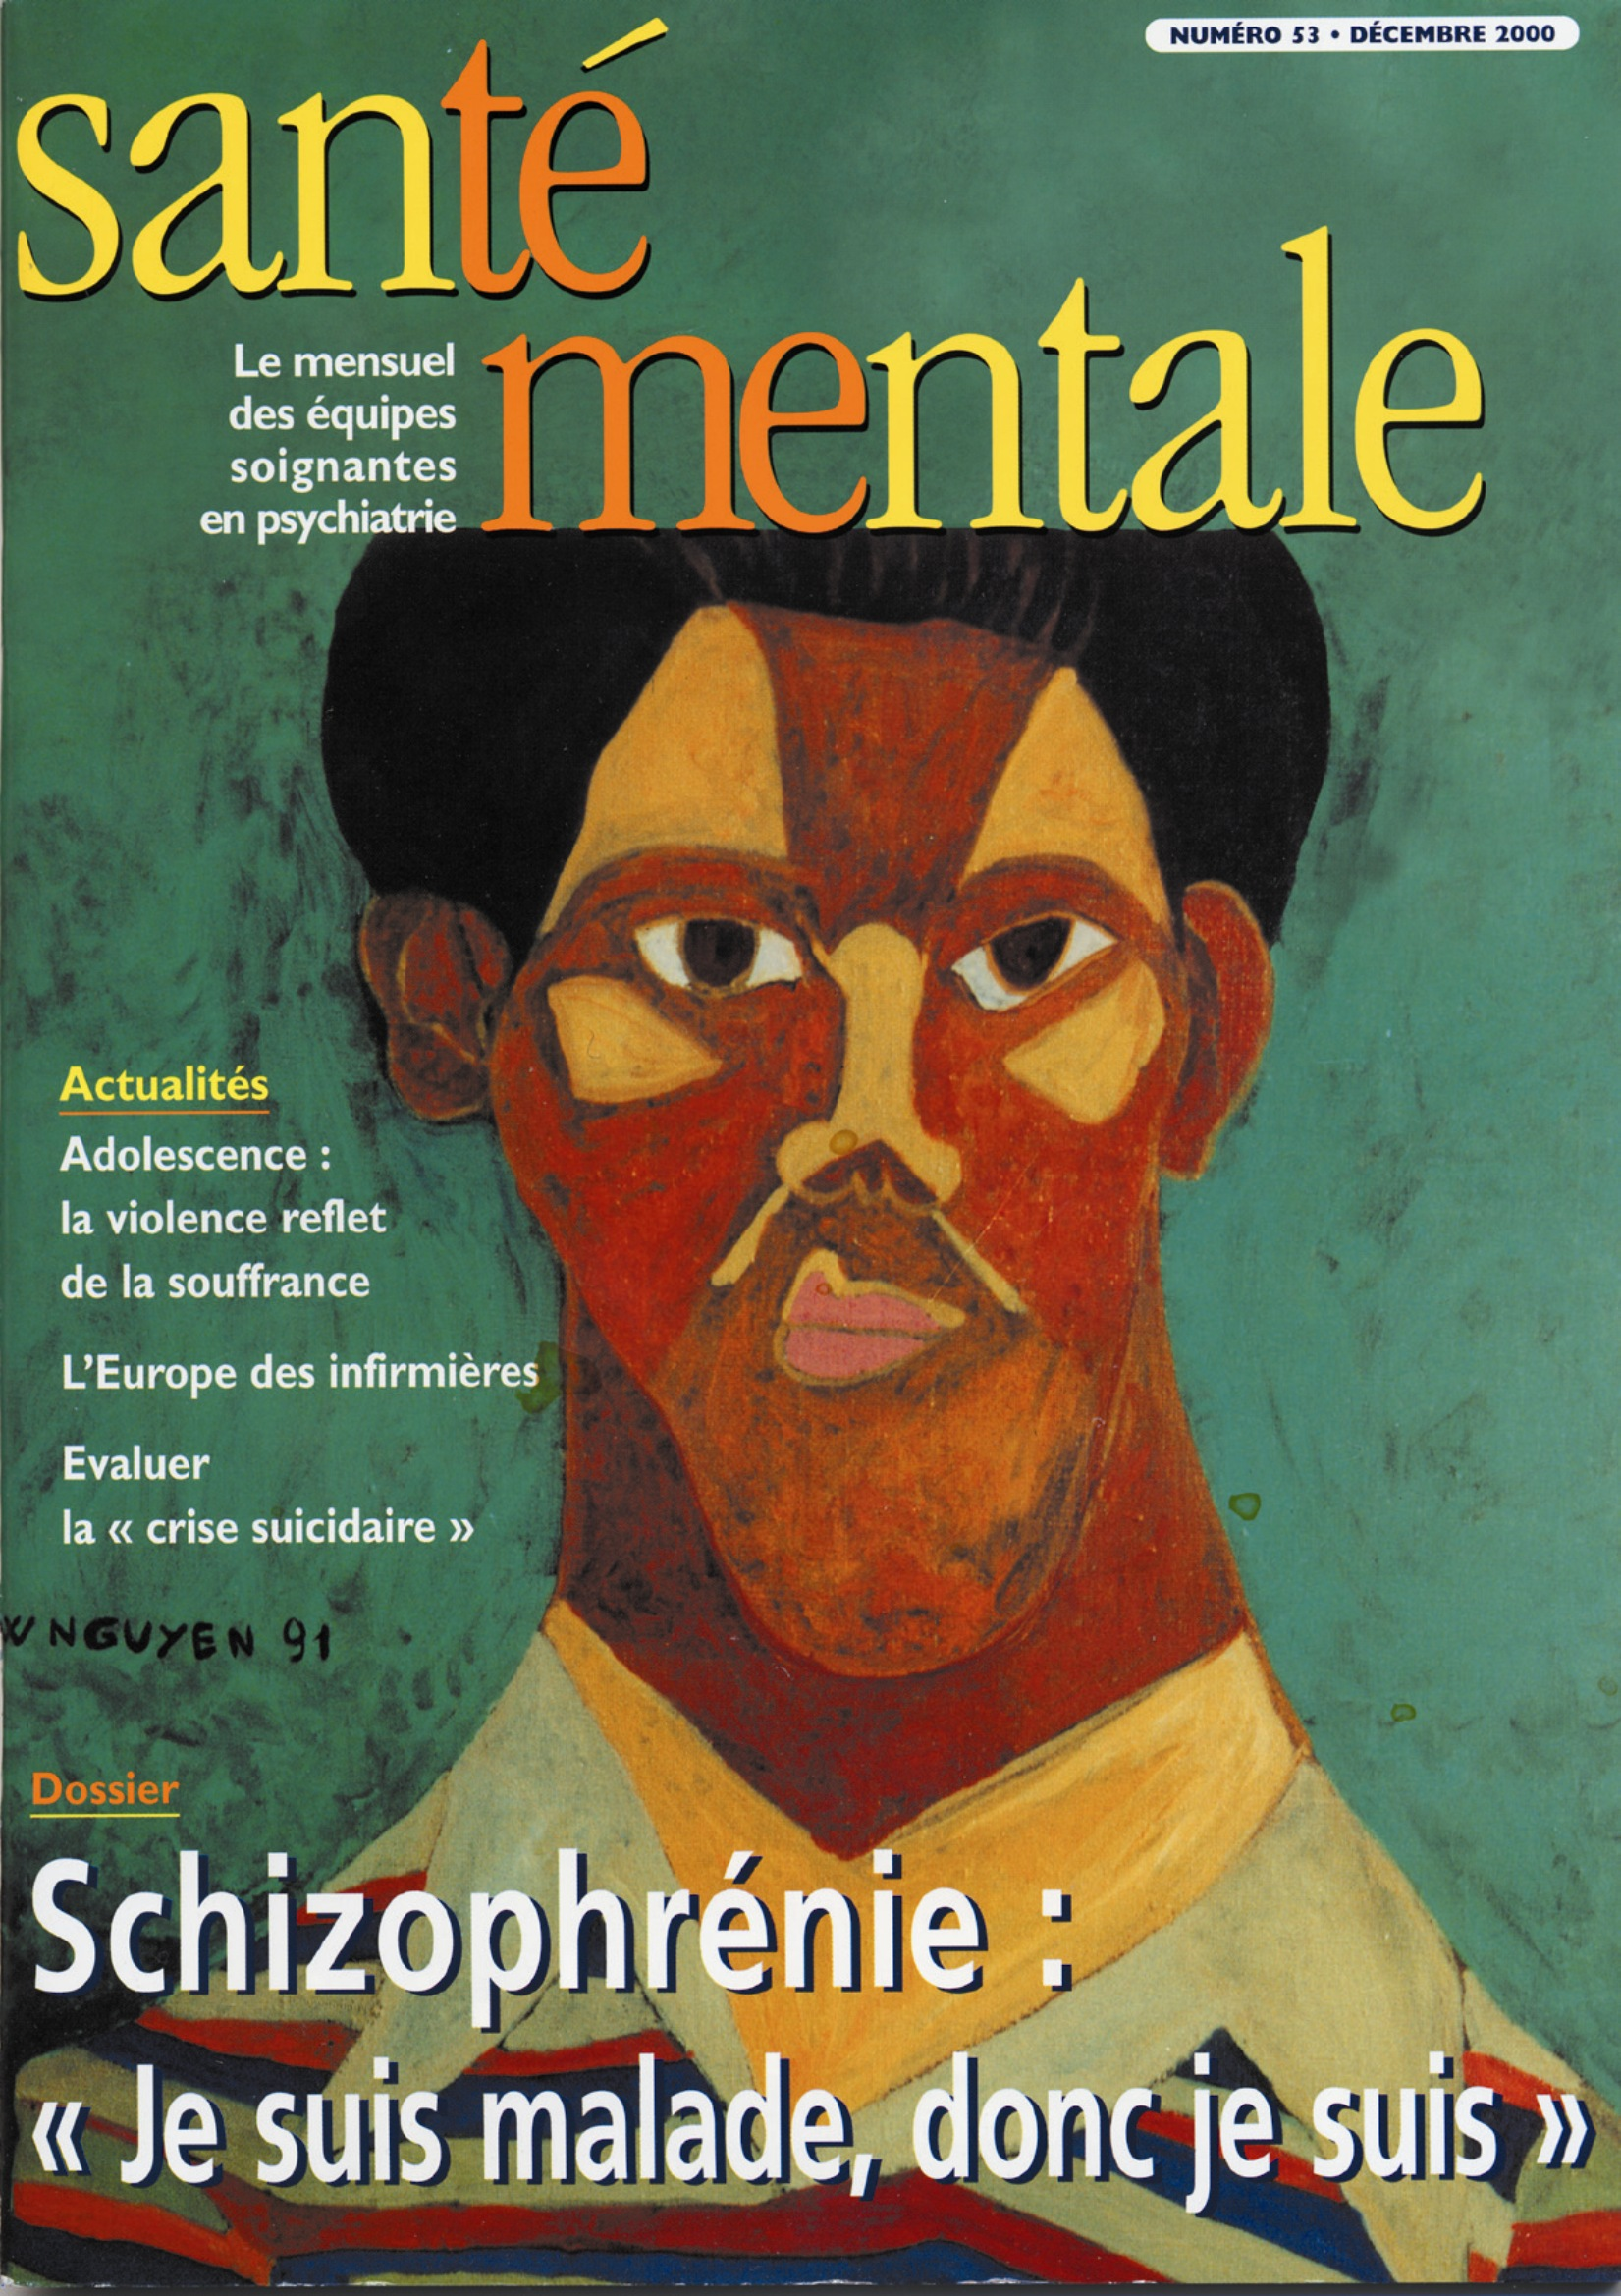 Couverture N°53 décembre 2000